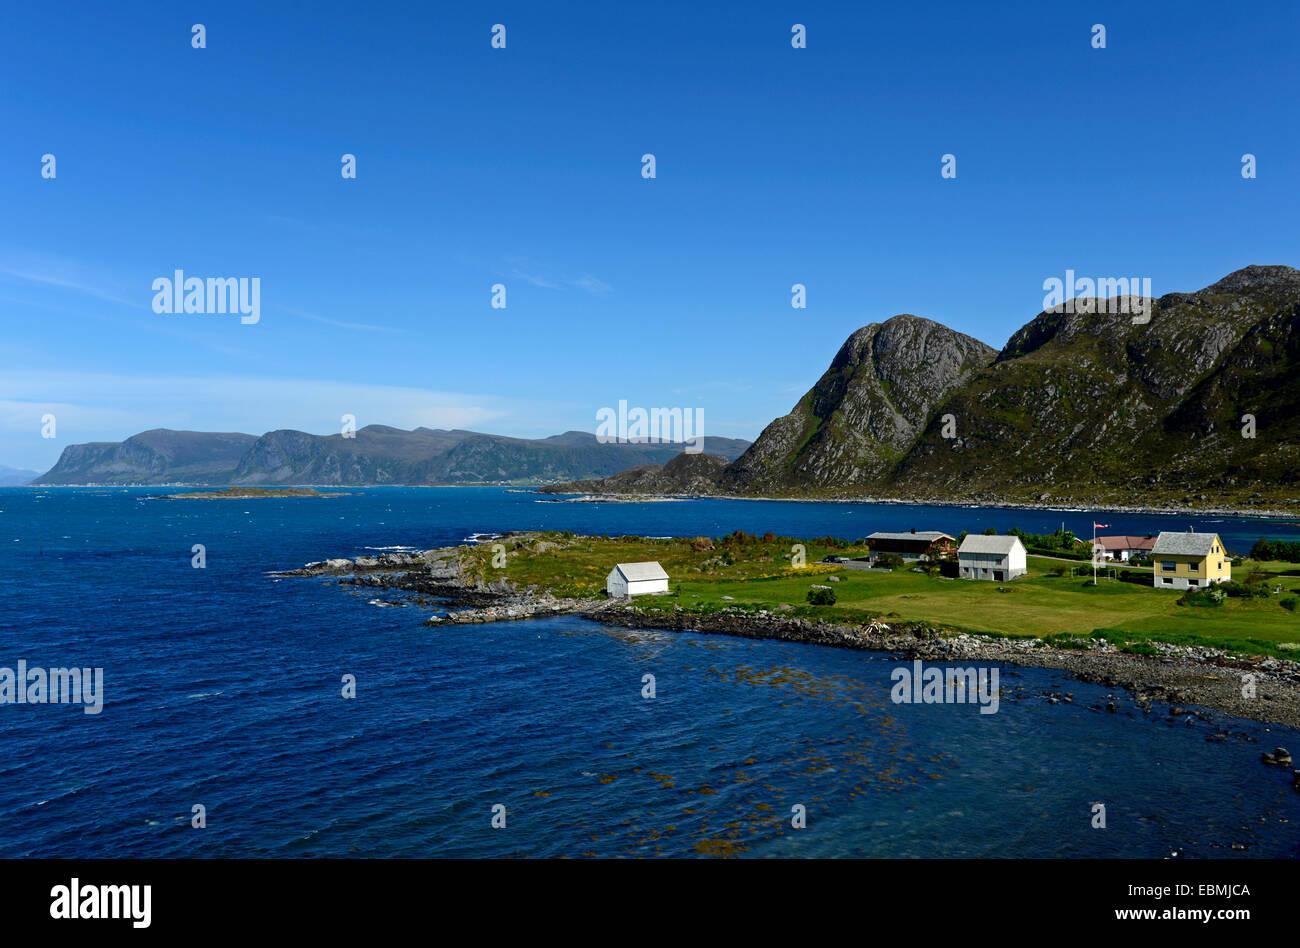 Settlement on the island Leinøy, Herøy, Møre og Romsdal, Norway - Stock Image